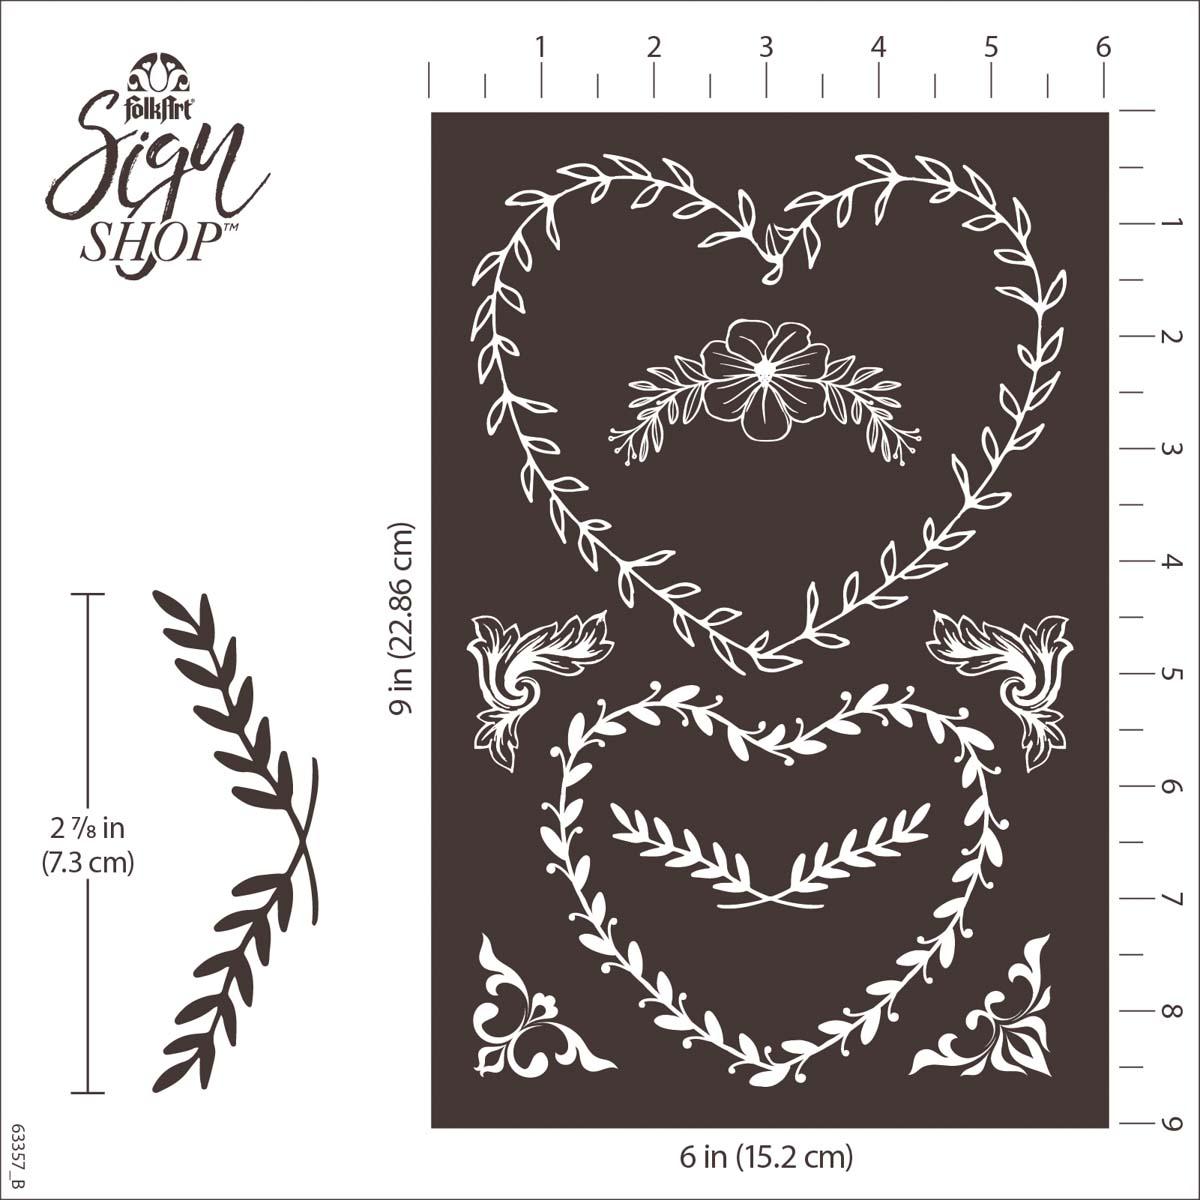 FolkArt ® Sign Shop™ Mesh Stencil - Floral Wreath, 2 pc. - 63357